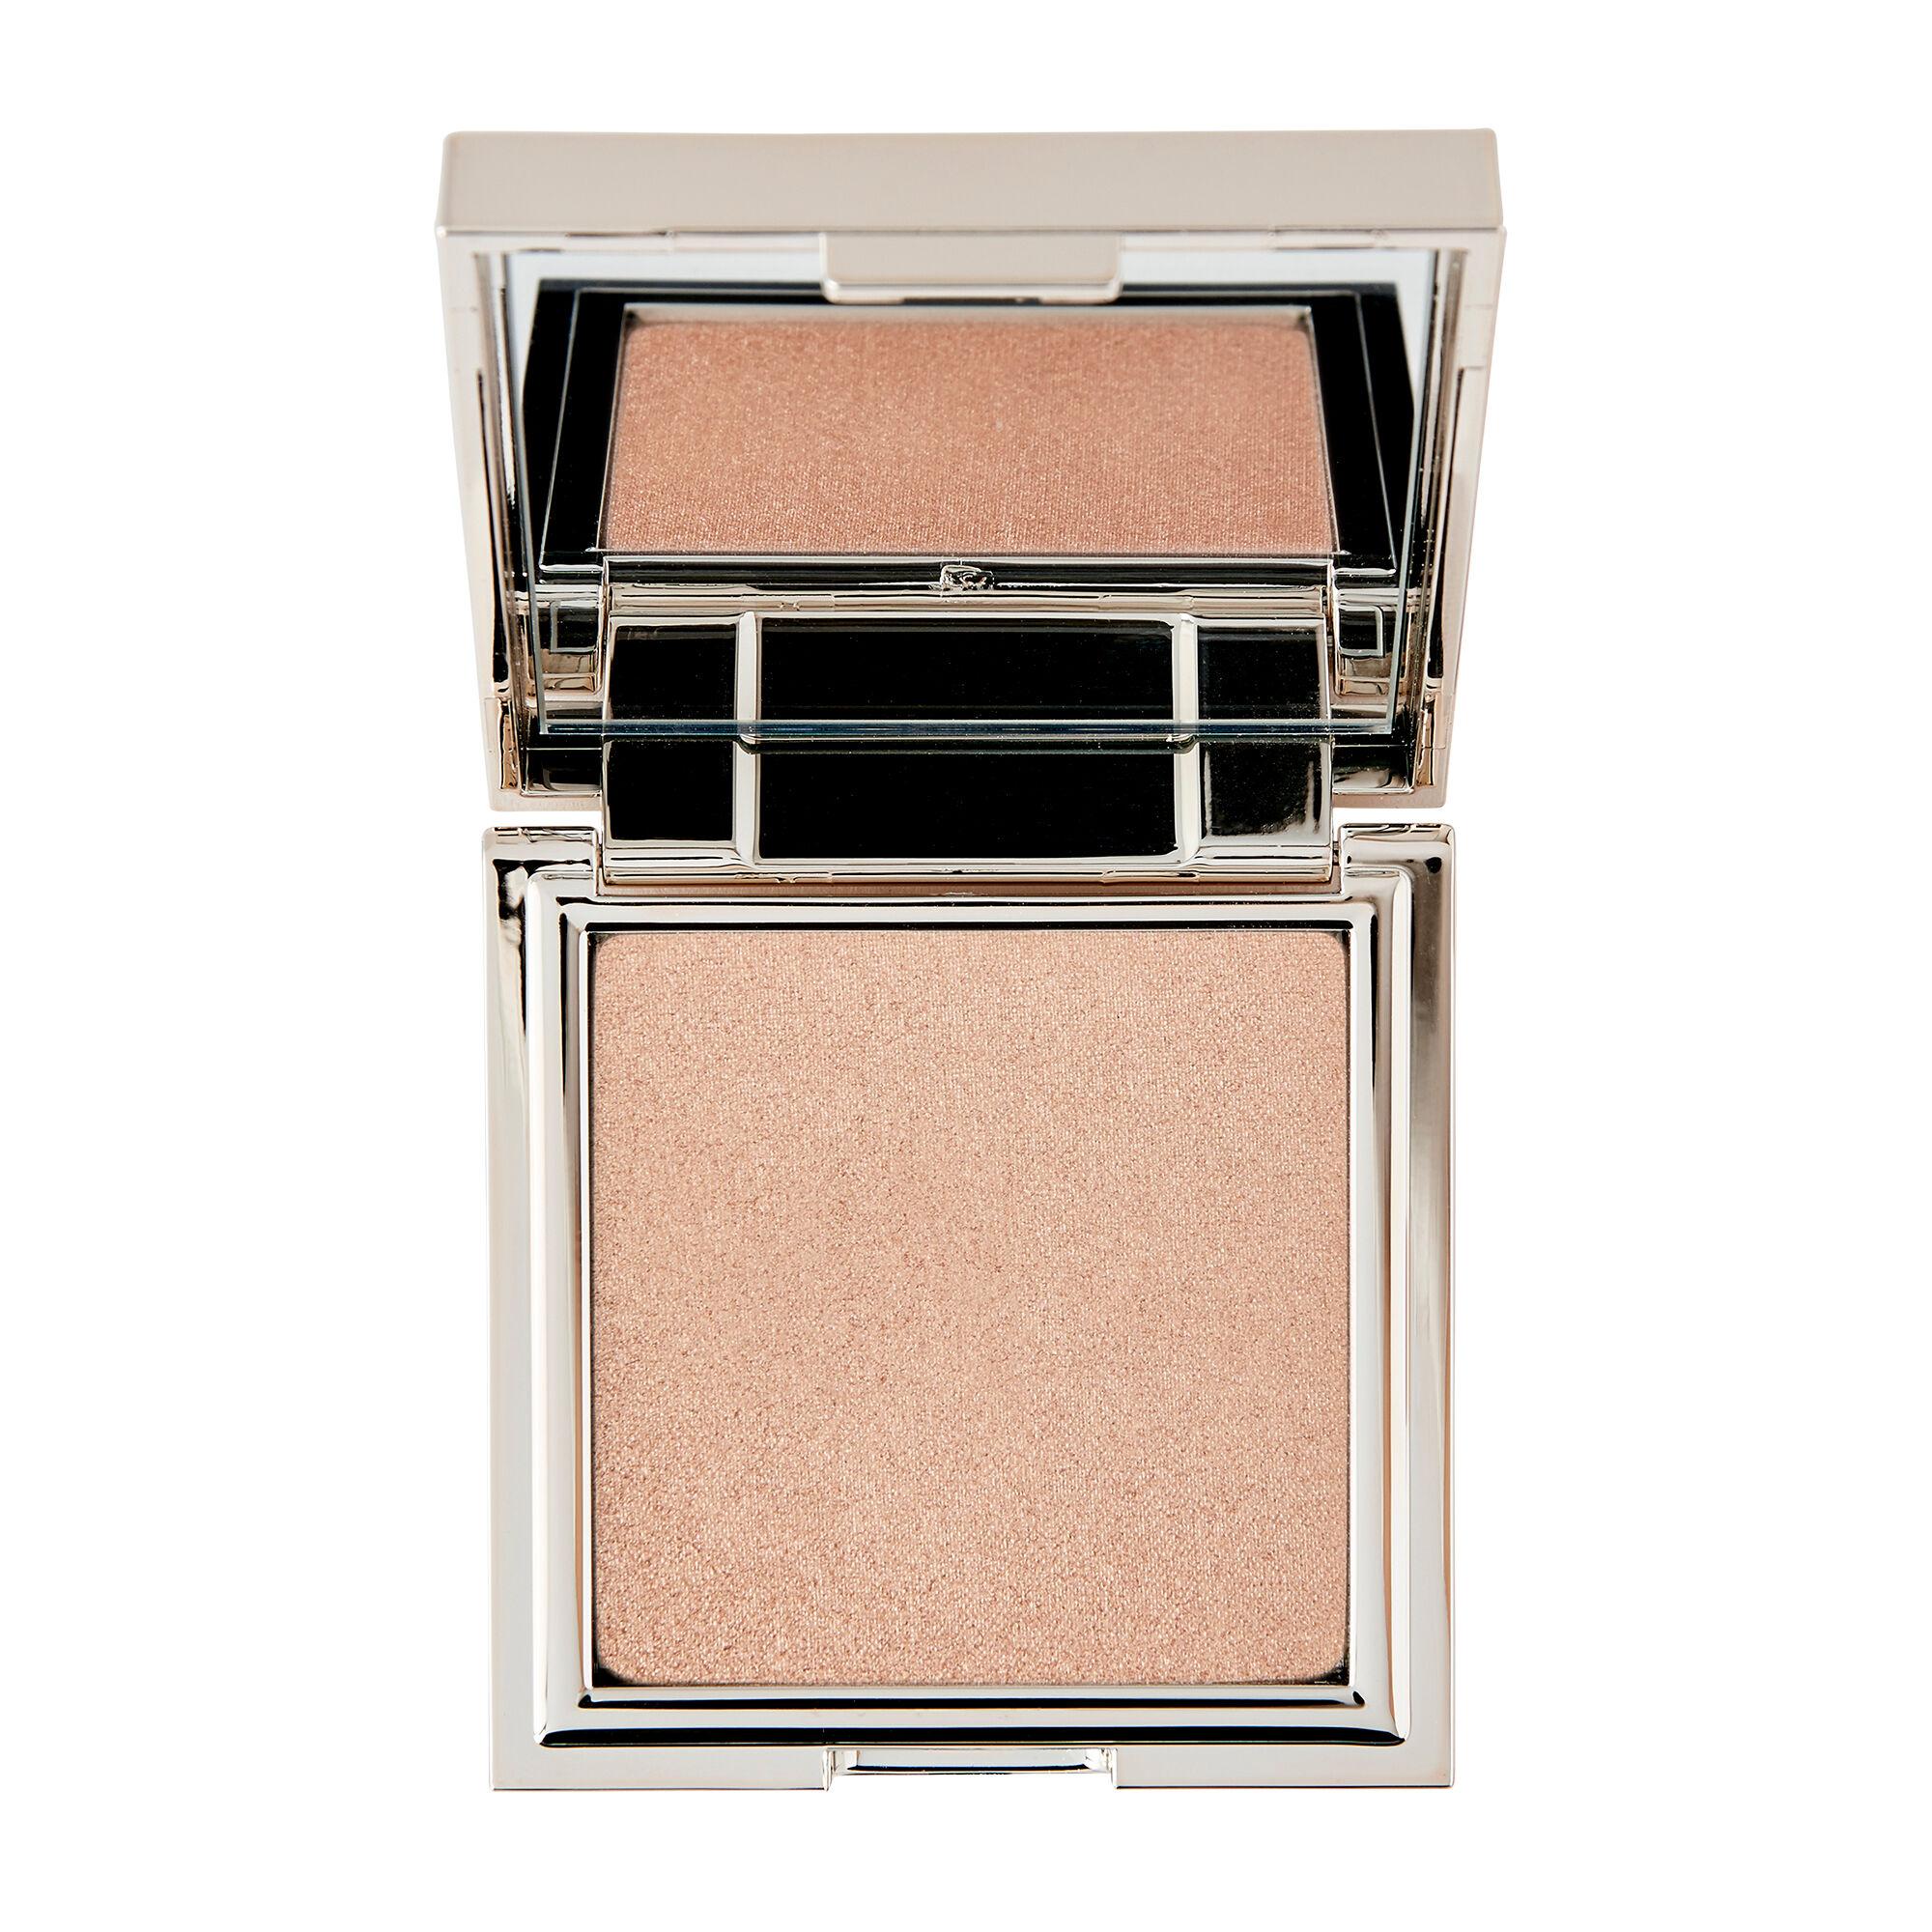 Jouer Cosmetics Powder Highlighter Topaz 4.5g